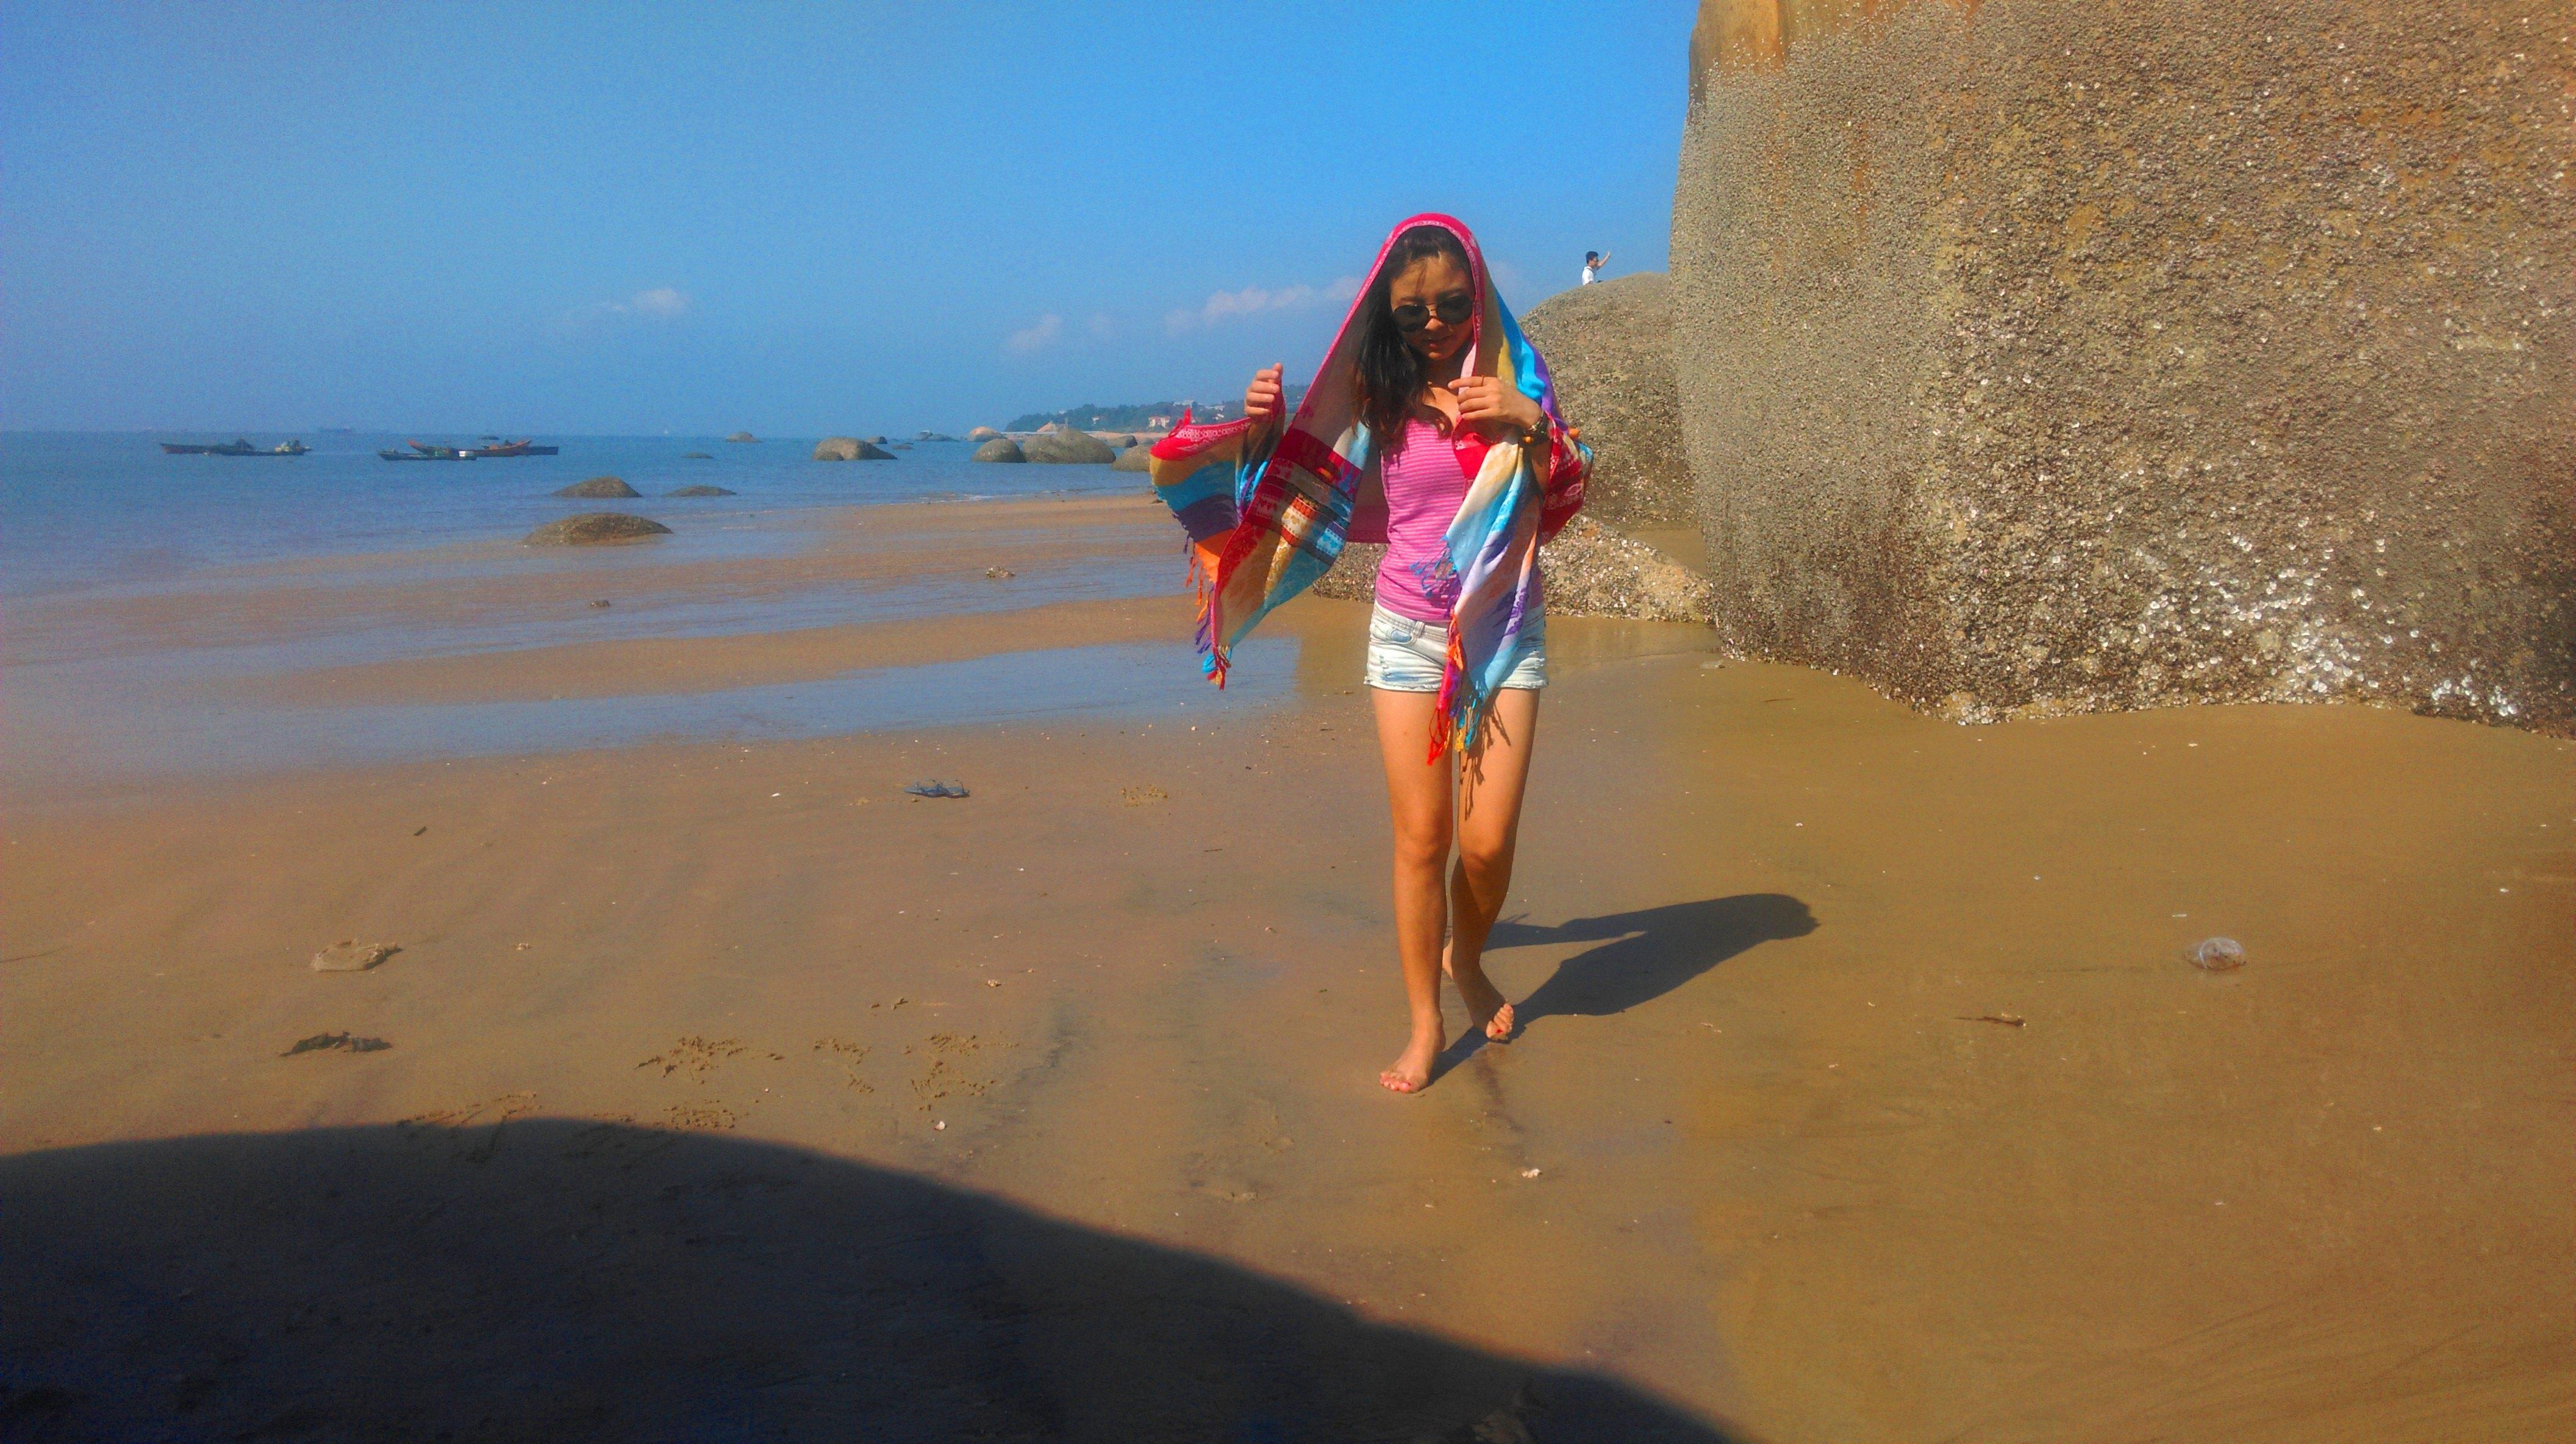 ps免抠沙滩衣服素材